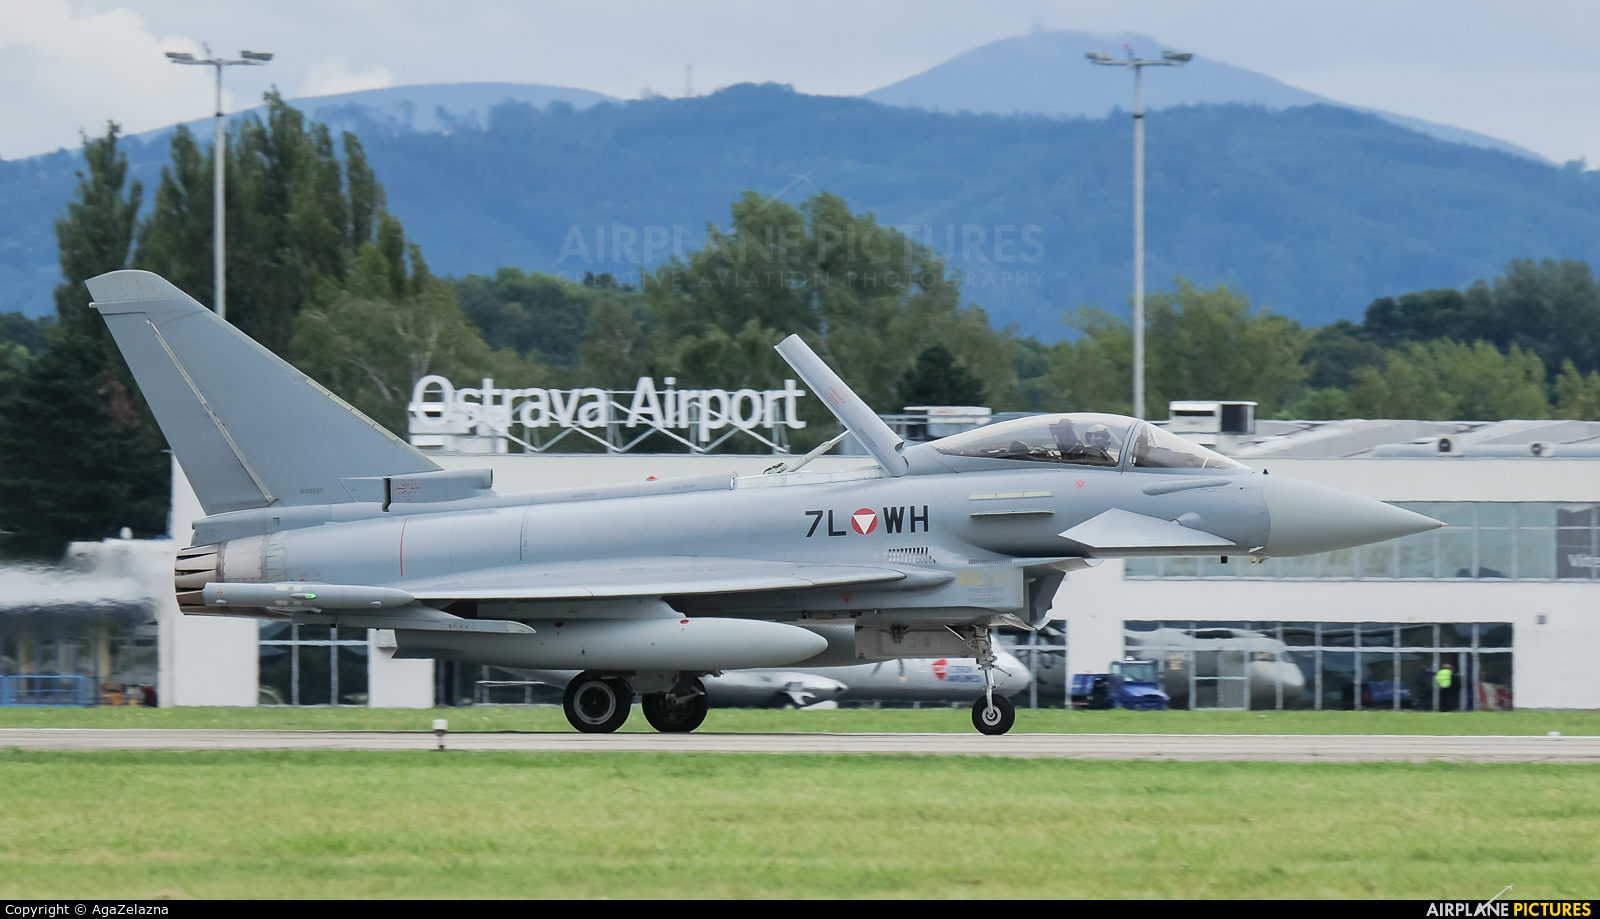 Austria - Air Force 7L-WH aircraft at Ostrava Mošnov